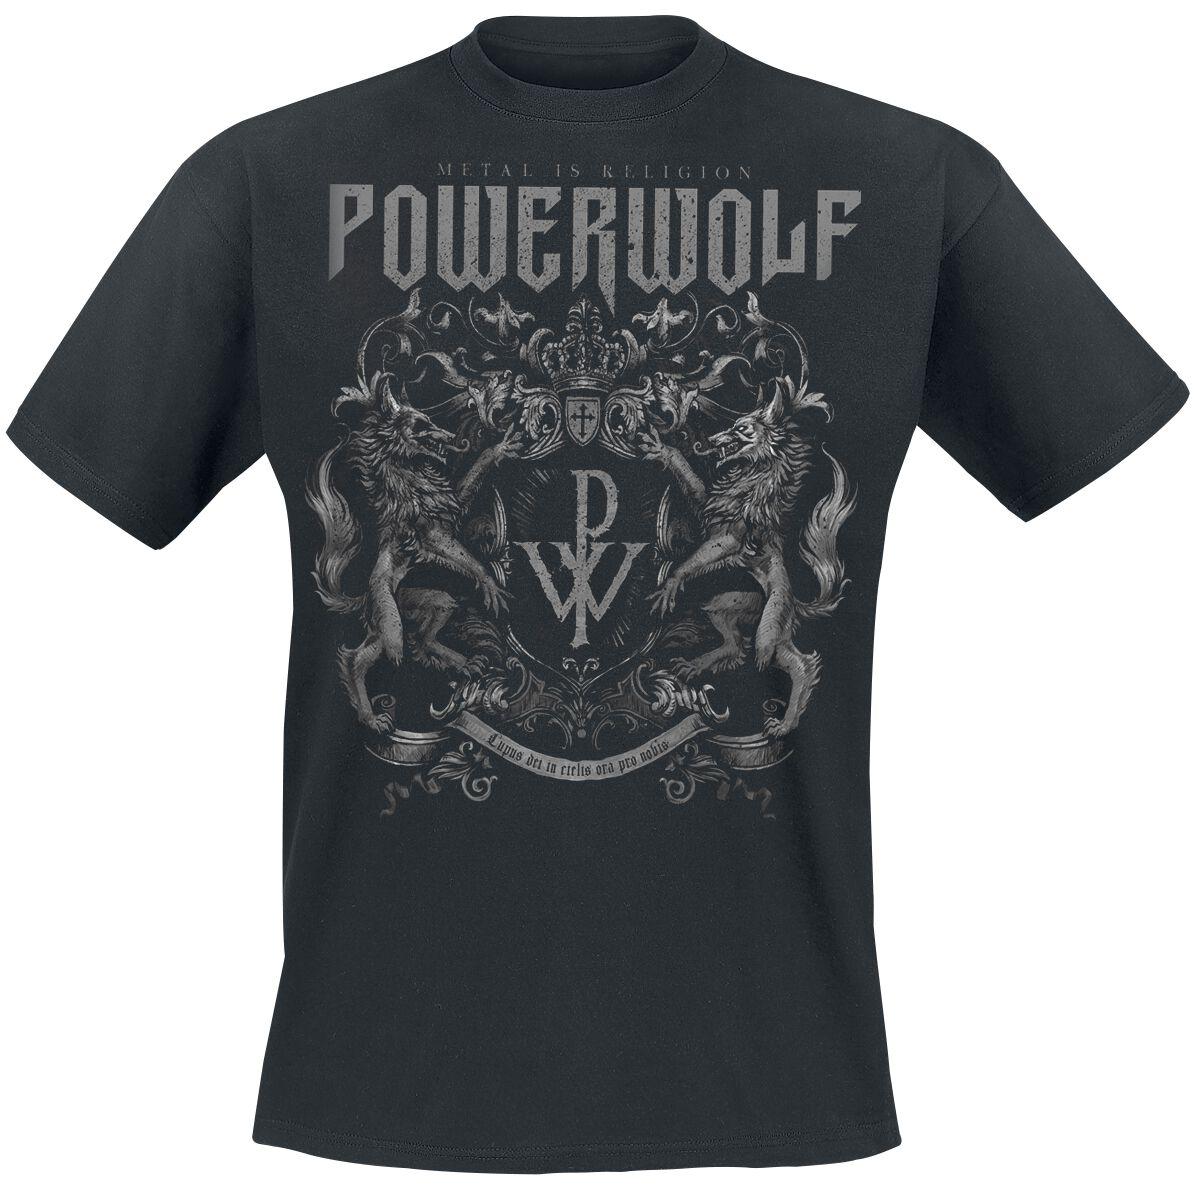 Image of   Powerwolf Crest - Metal Is Religion T-Shirt sort